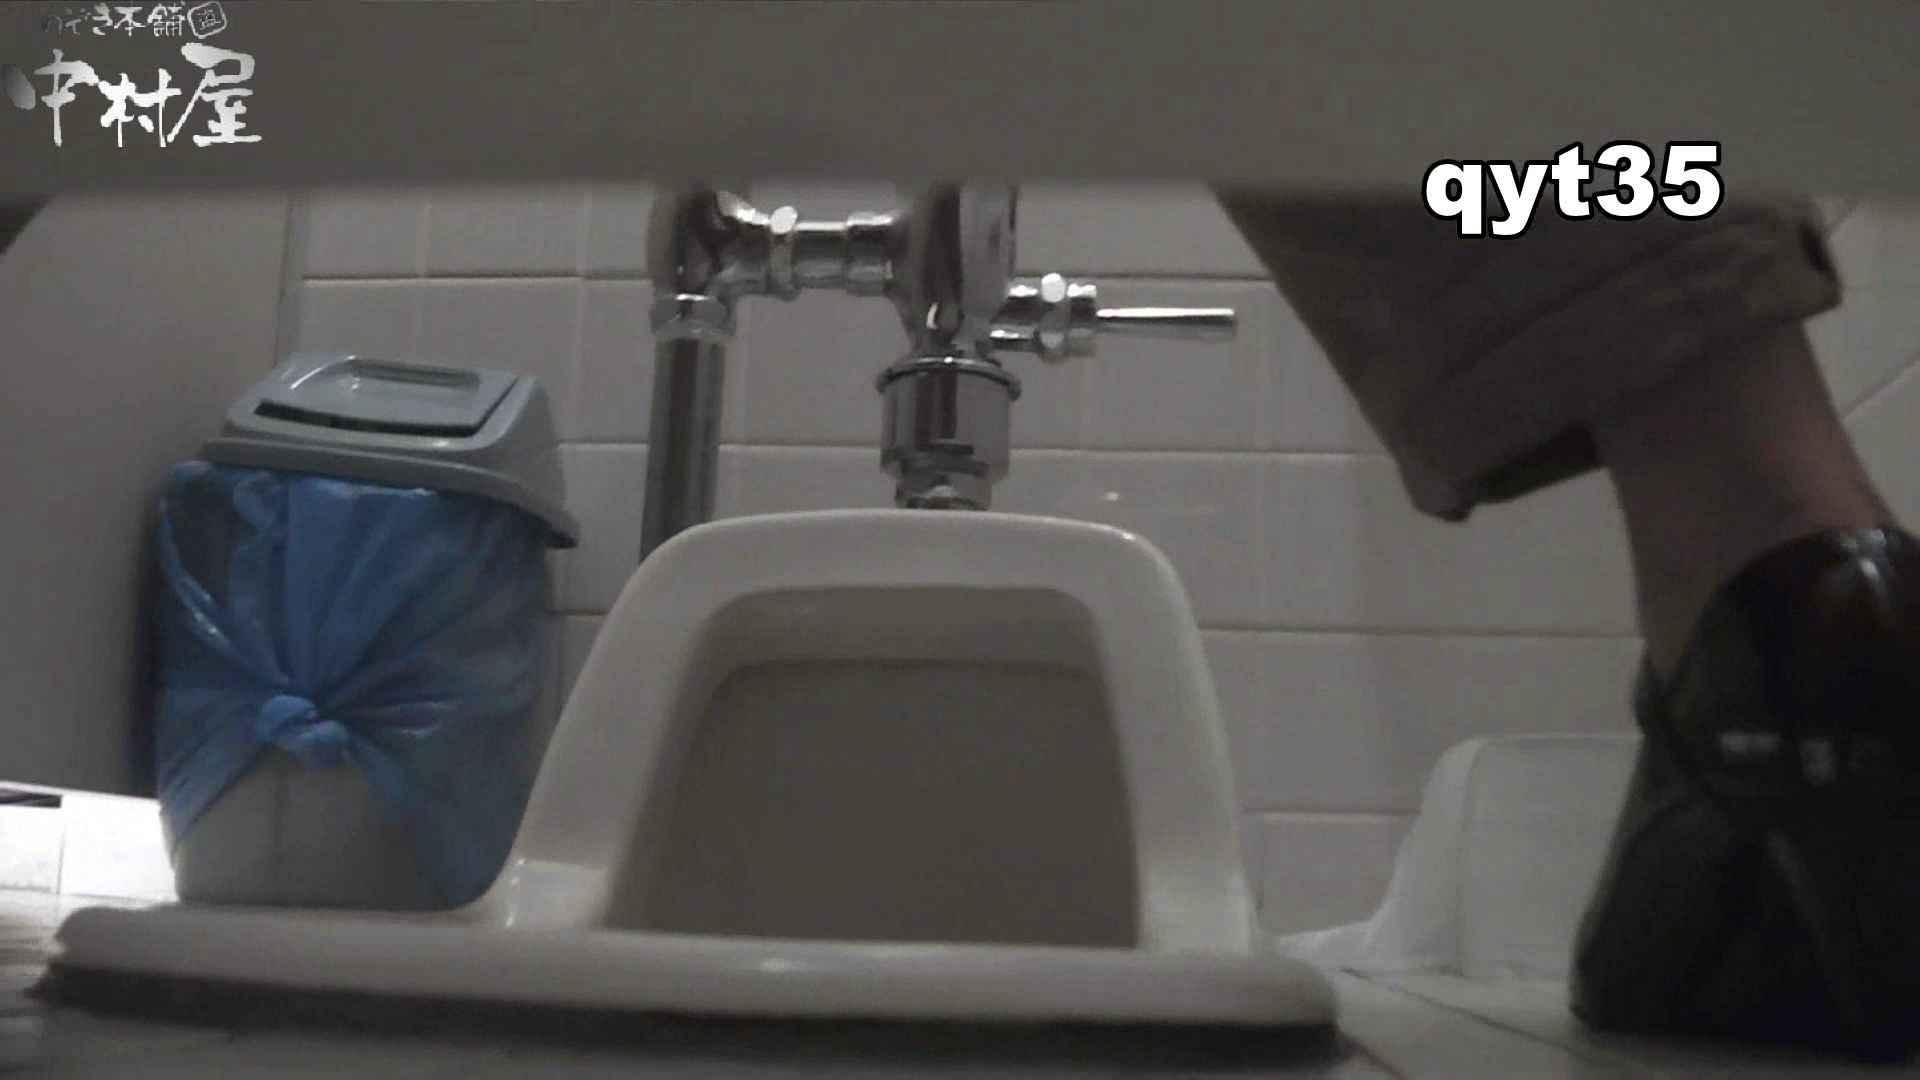 【お銀さんの「洗面所突入レポート!!」】お銀さんの「洗面所突入レポート!!」 vol.35 広げると出ます 洗面所 | HなOL  68pic 10